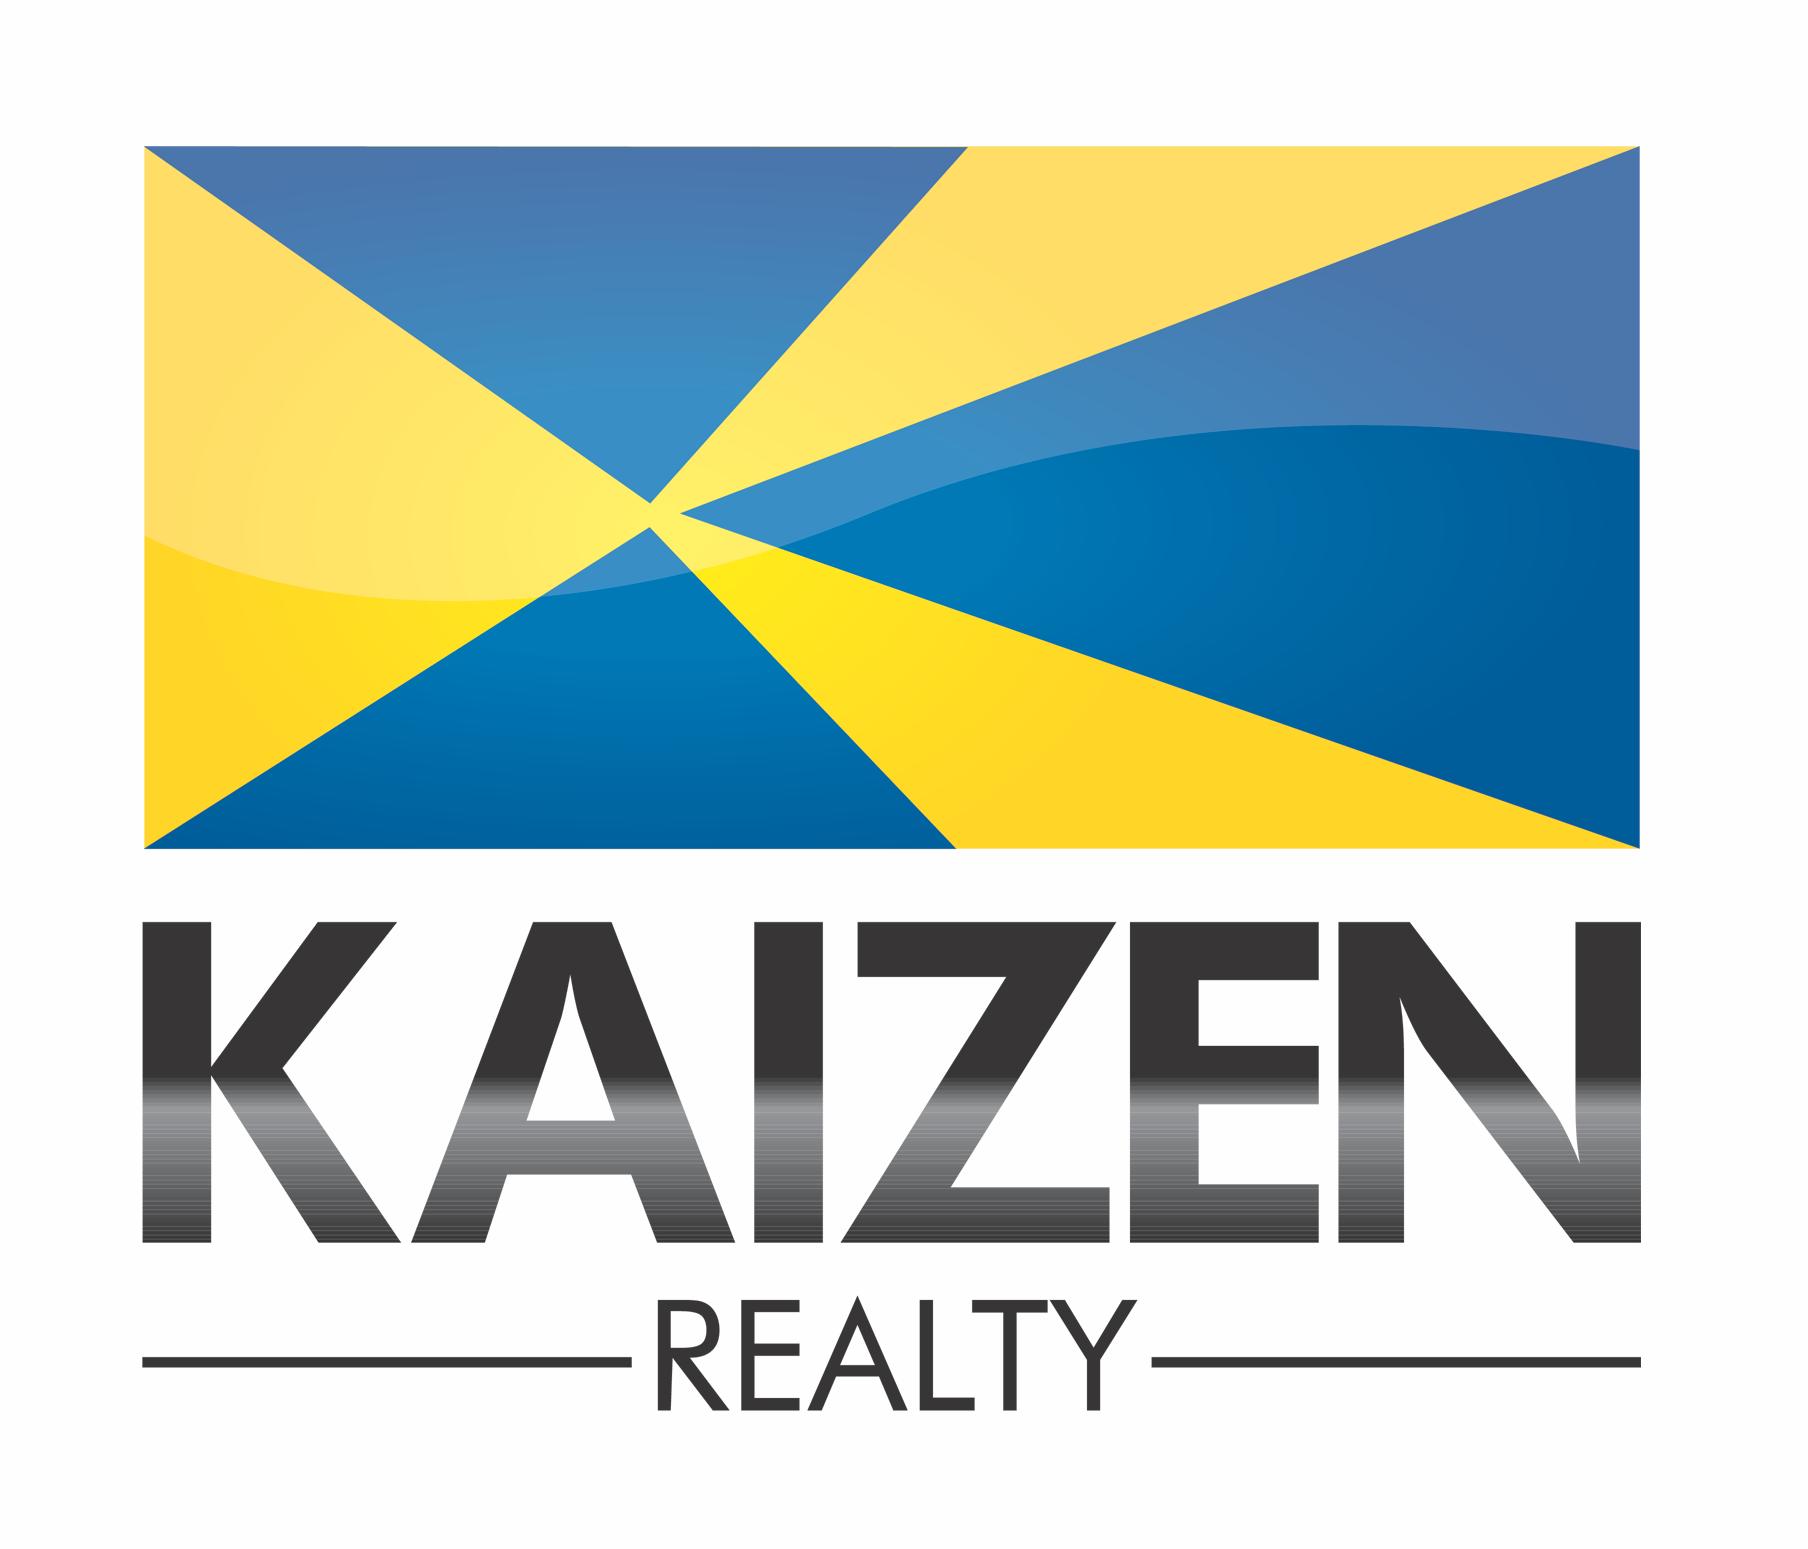 KAIZEN-logo-large-transparent.png